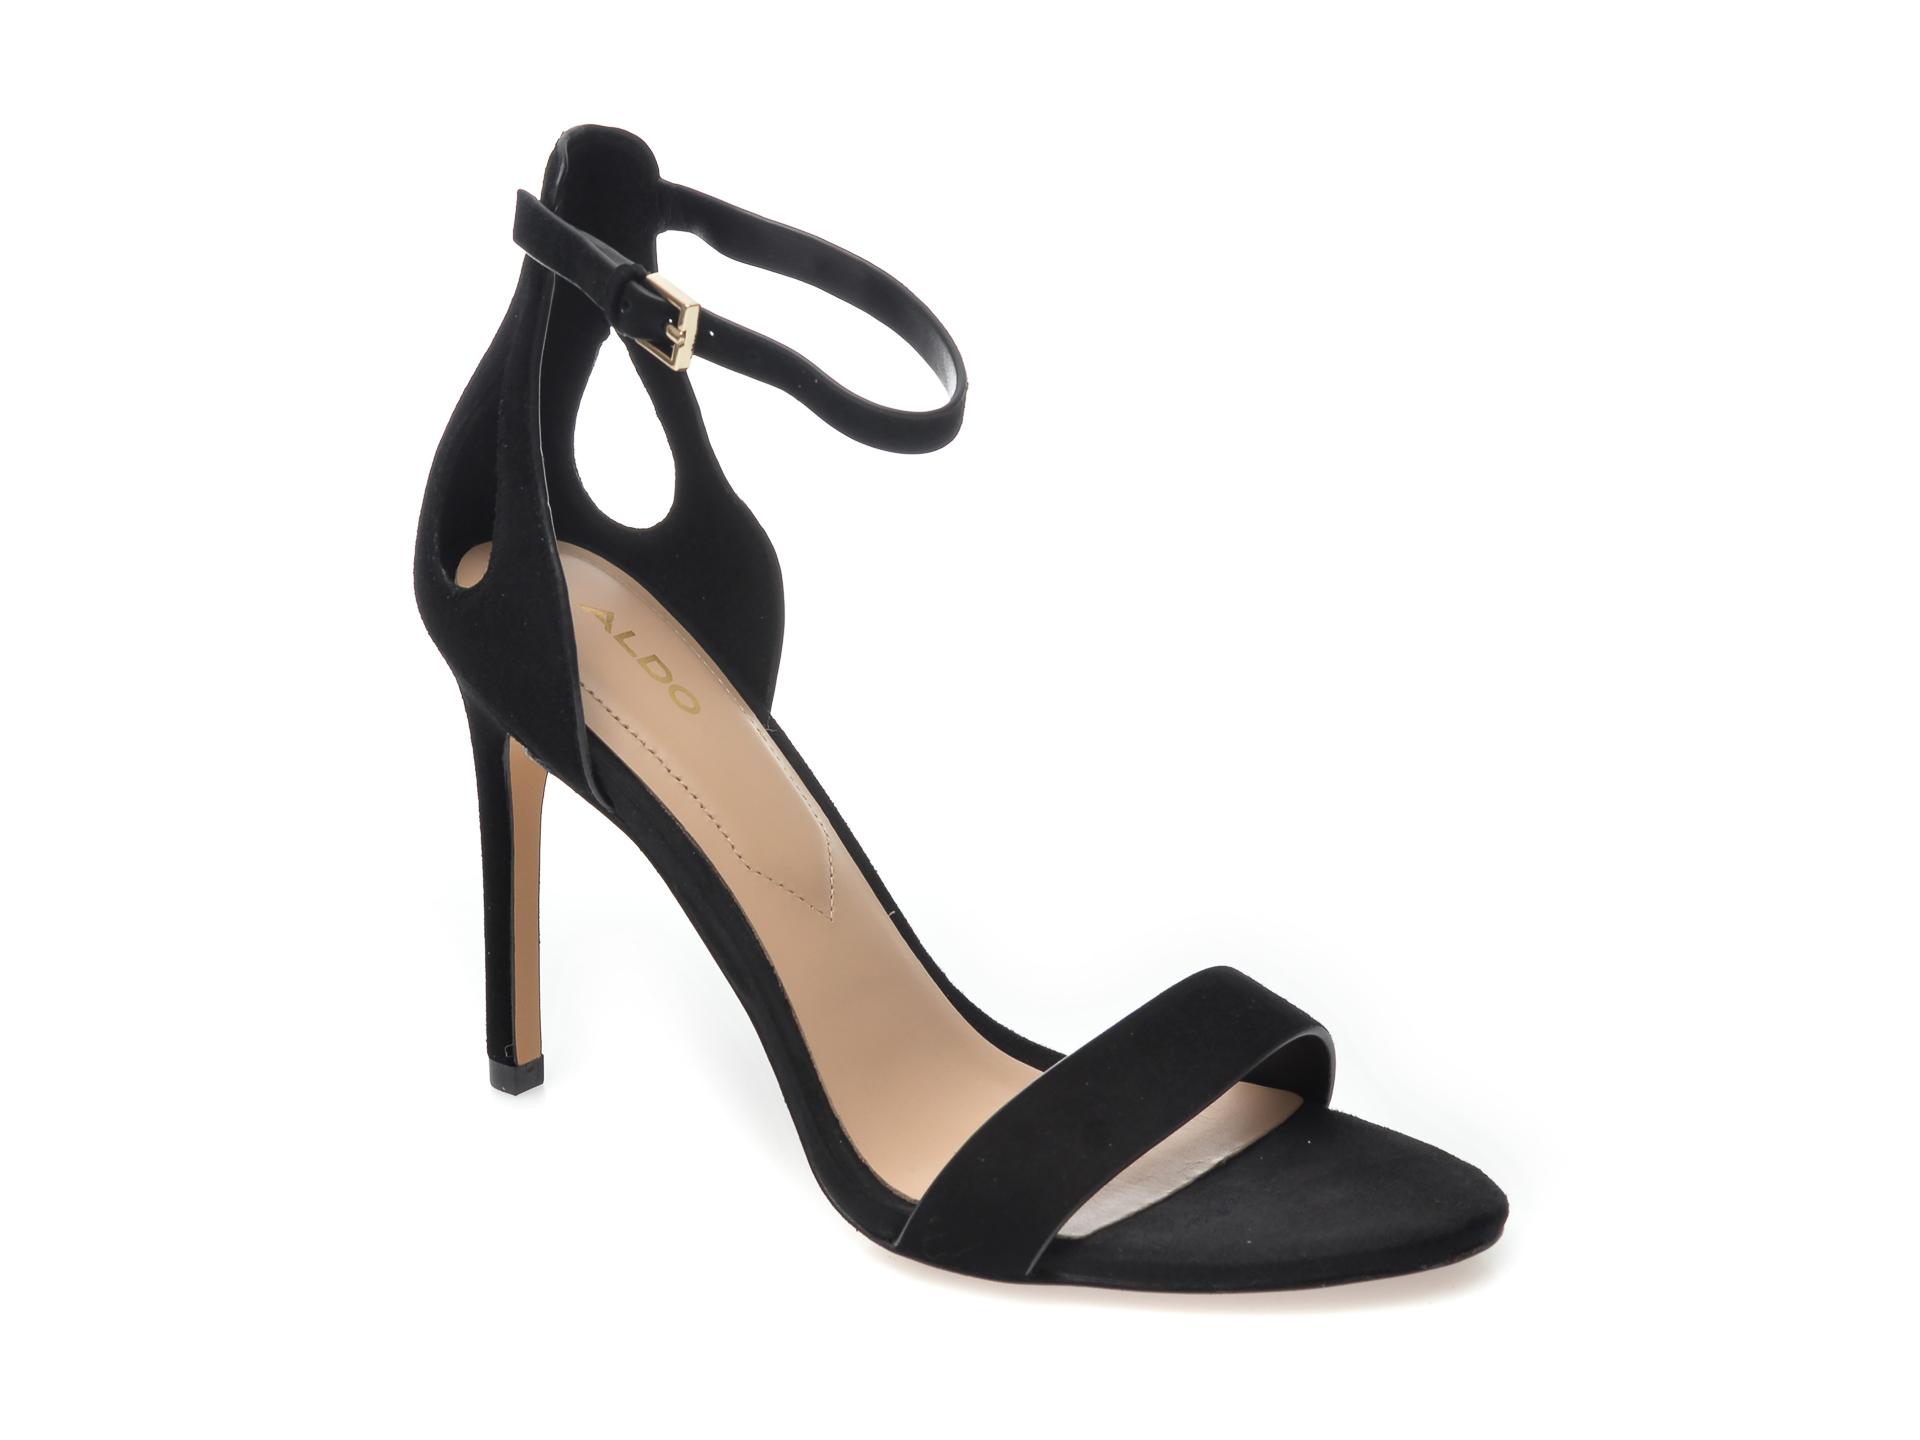 Sandale ALDO negre, Violla001, din piele intoarsa imagine otter.ro 2021